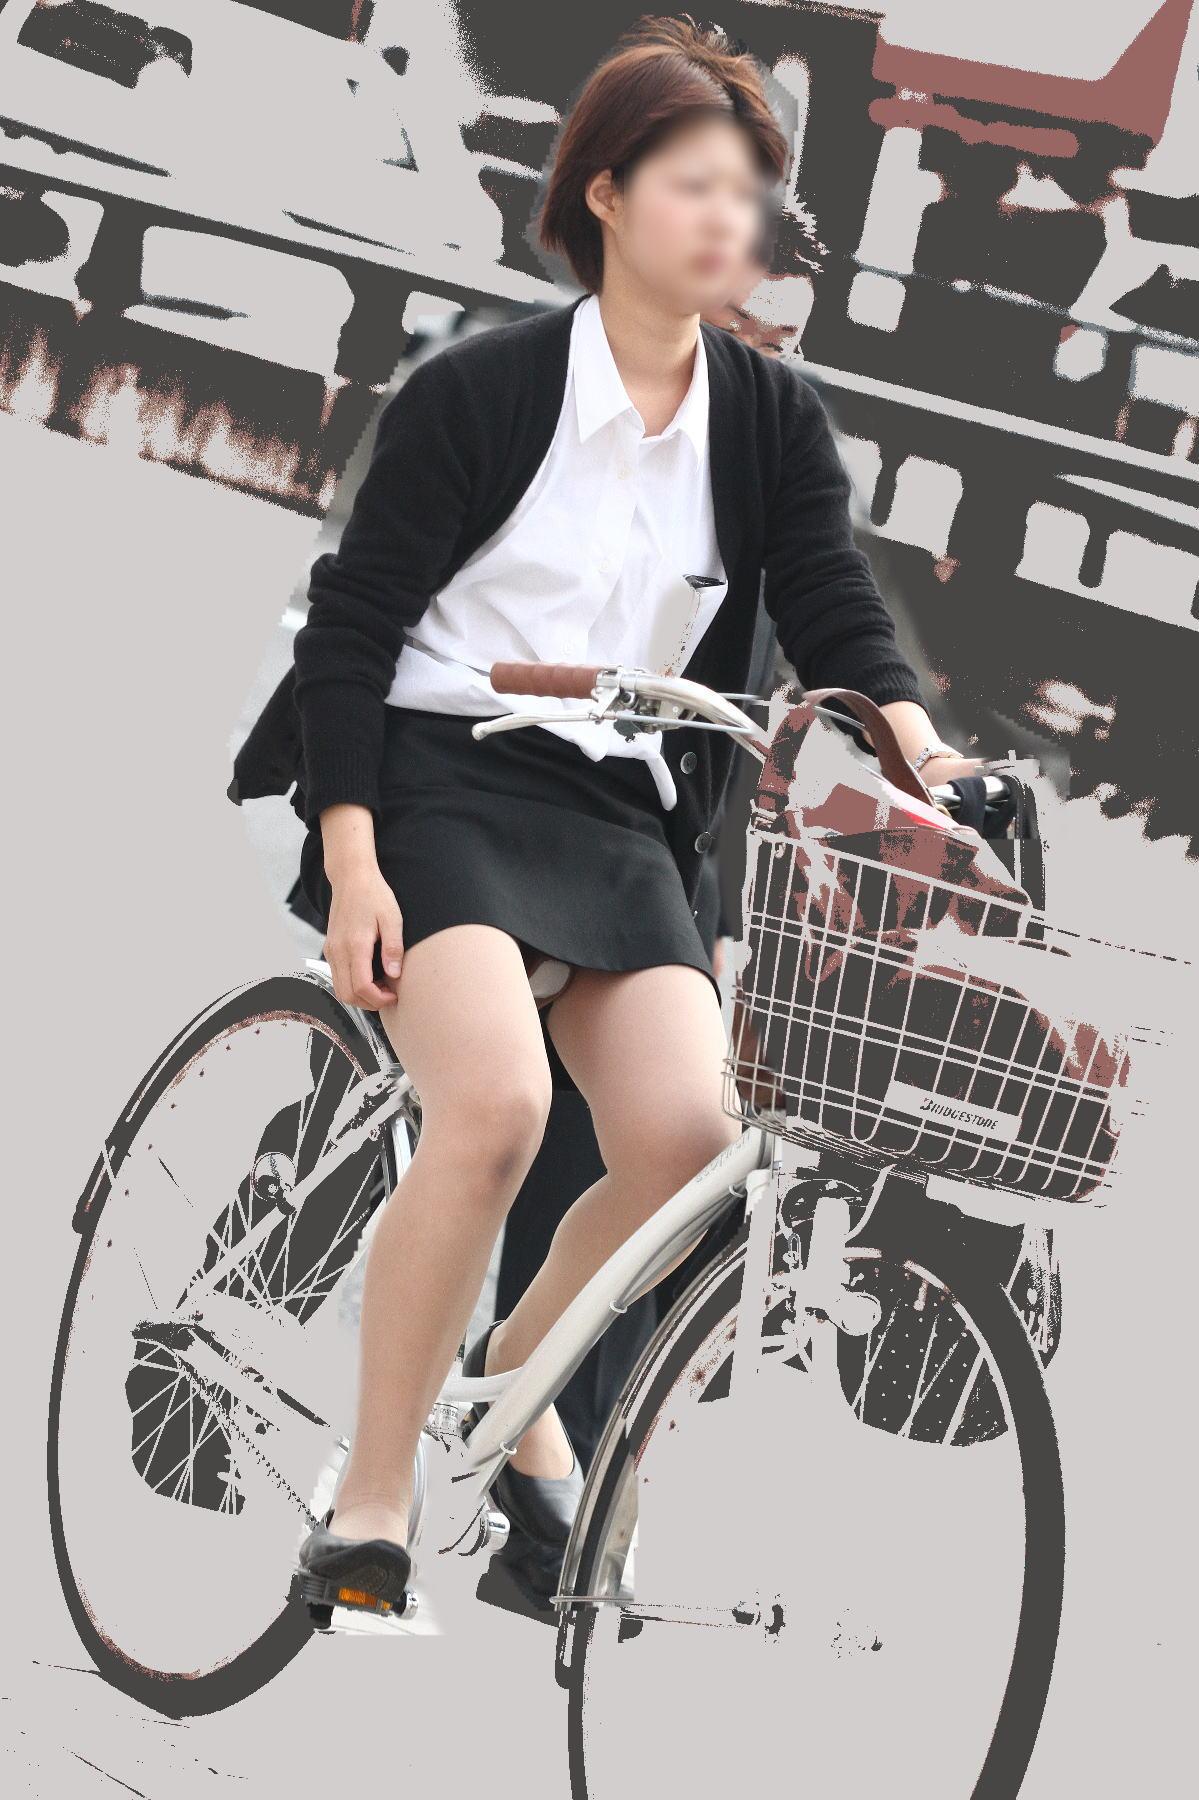 自転車通勤のOLさんのパンチラ盗撮!